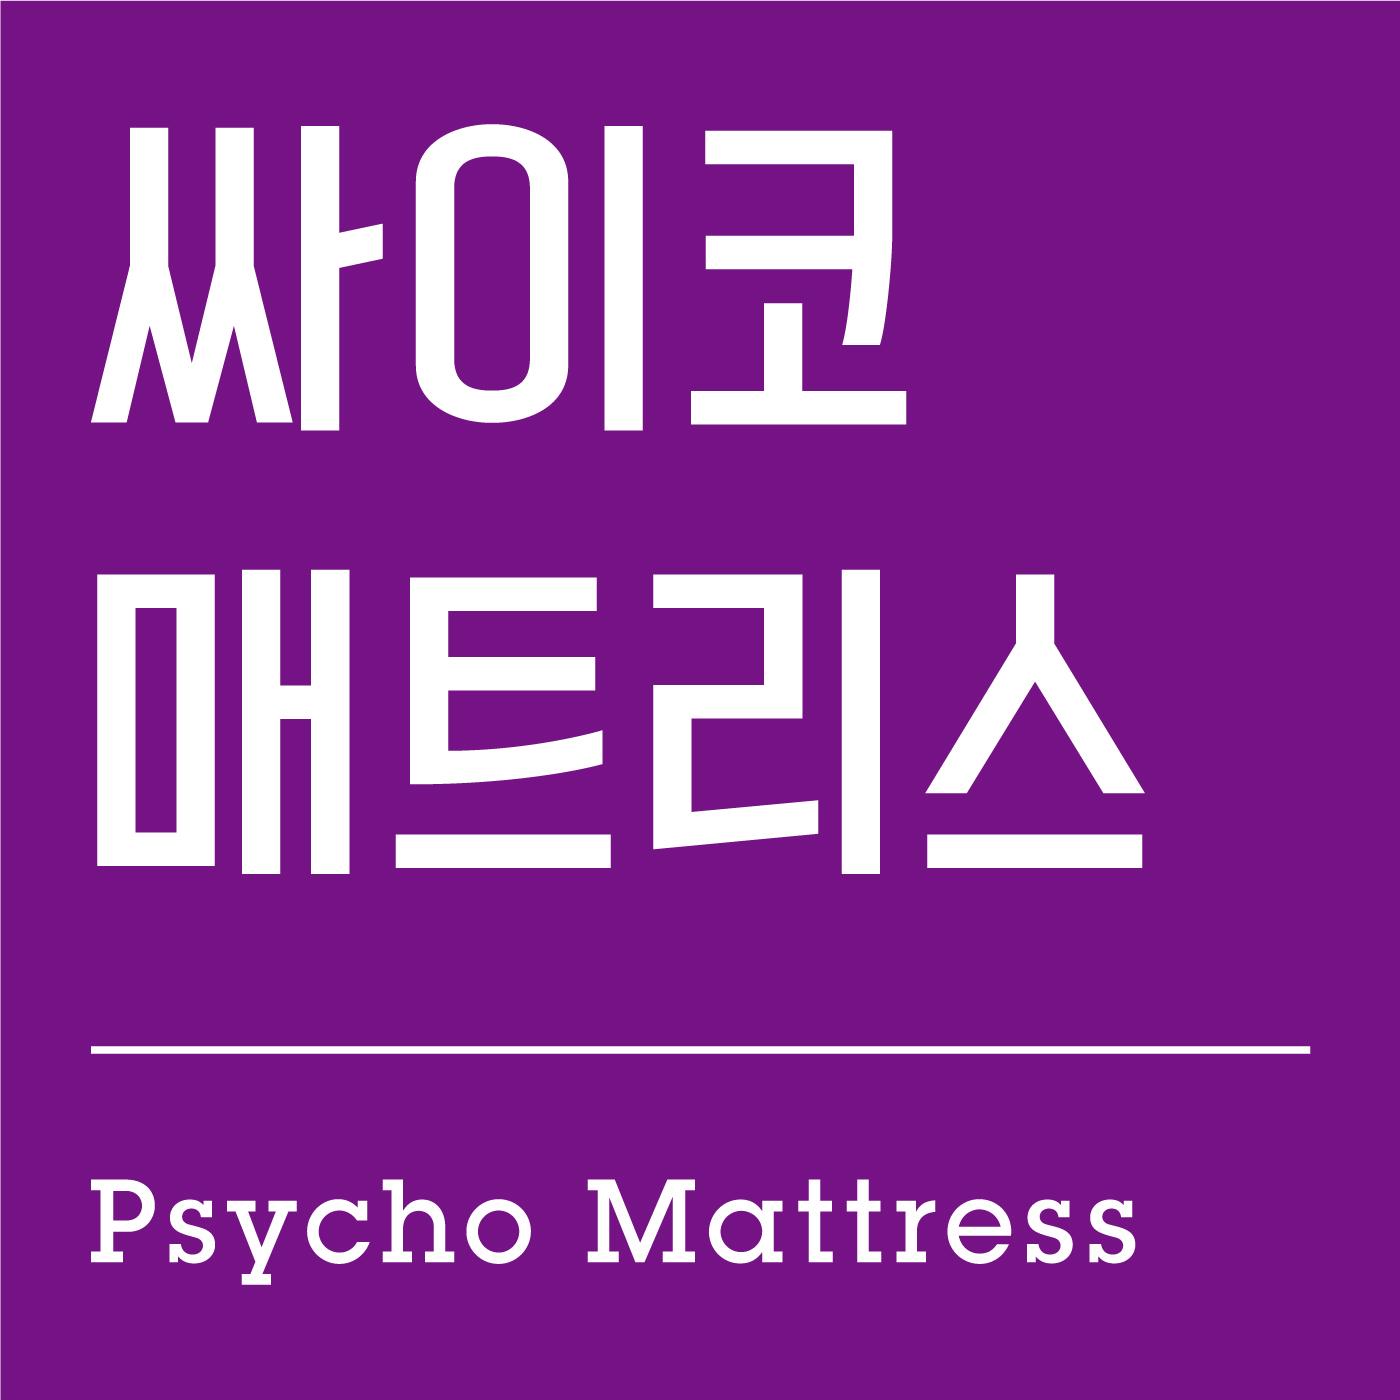 심리 매트리스 (Psycho Mattress)